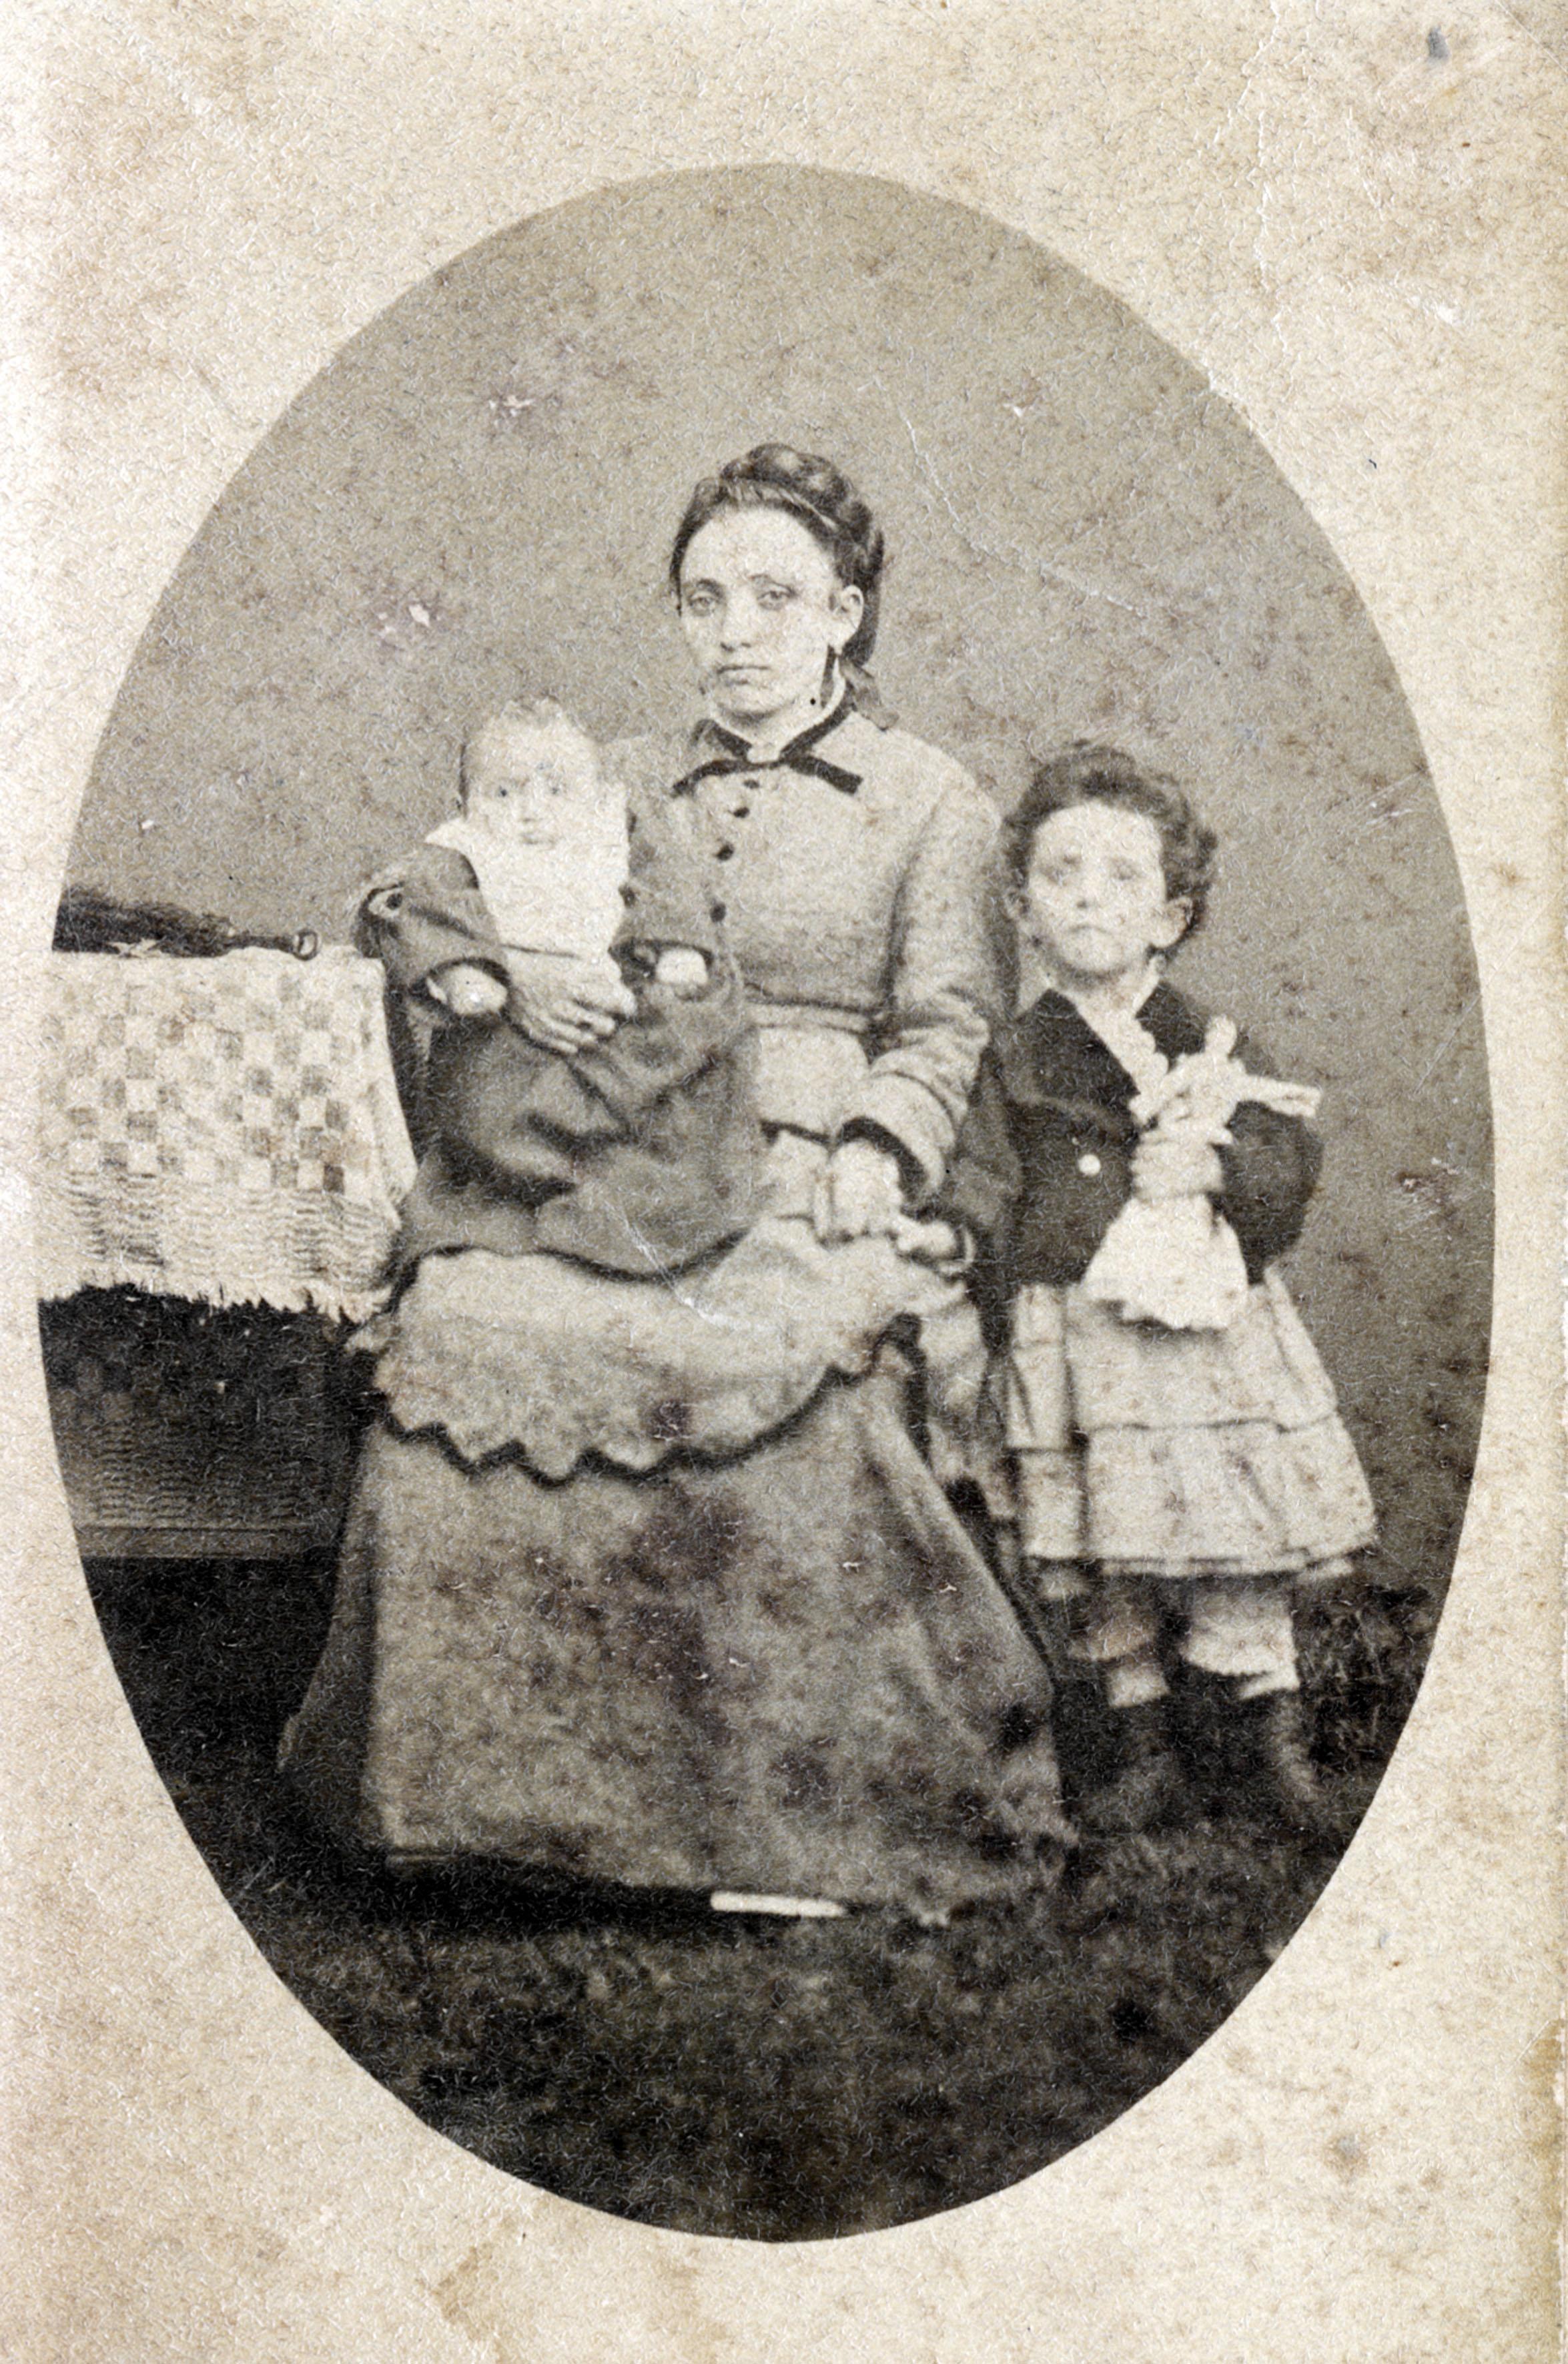 Rosa Bendiner mit ihrem Sohn Josef auf dem Schoß